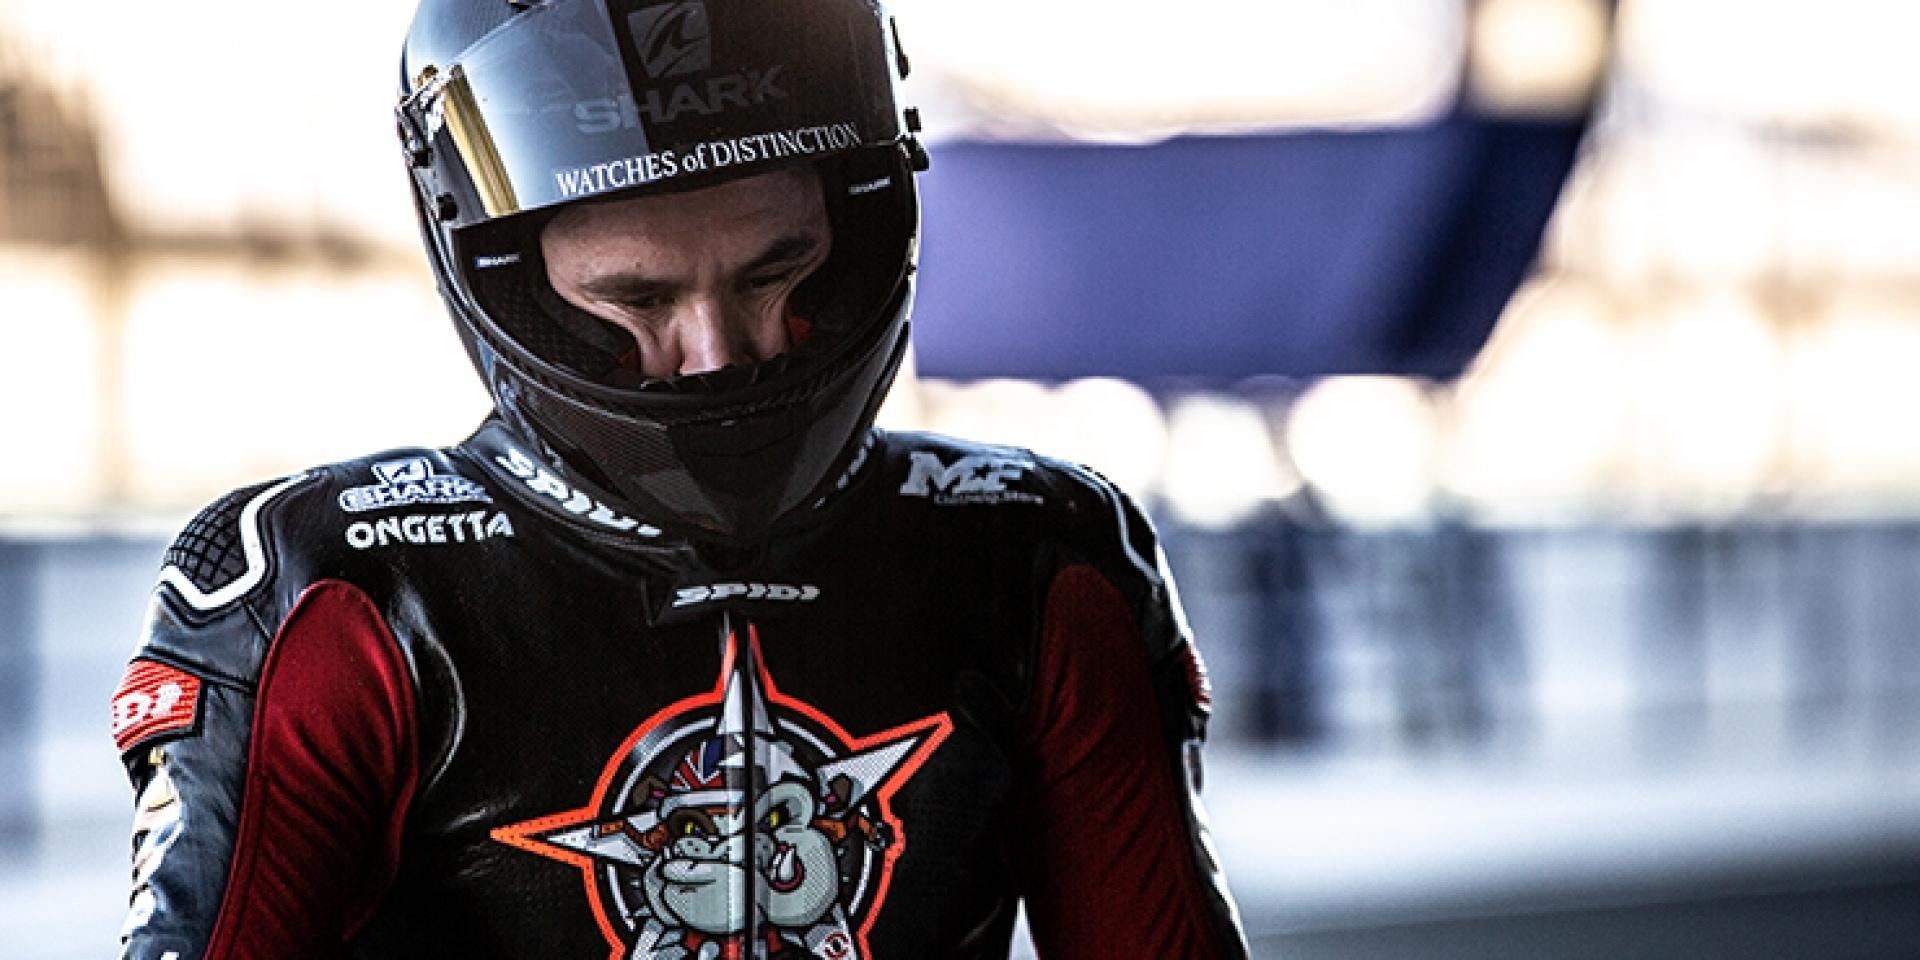 大不列顛狂人的挑戰!Scott Redding:在BSB的初登場,膽量勝於技術!